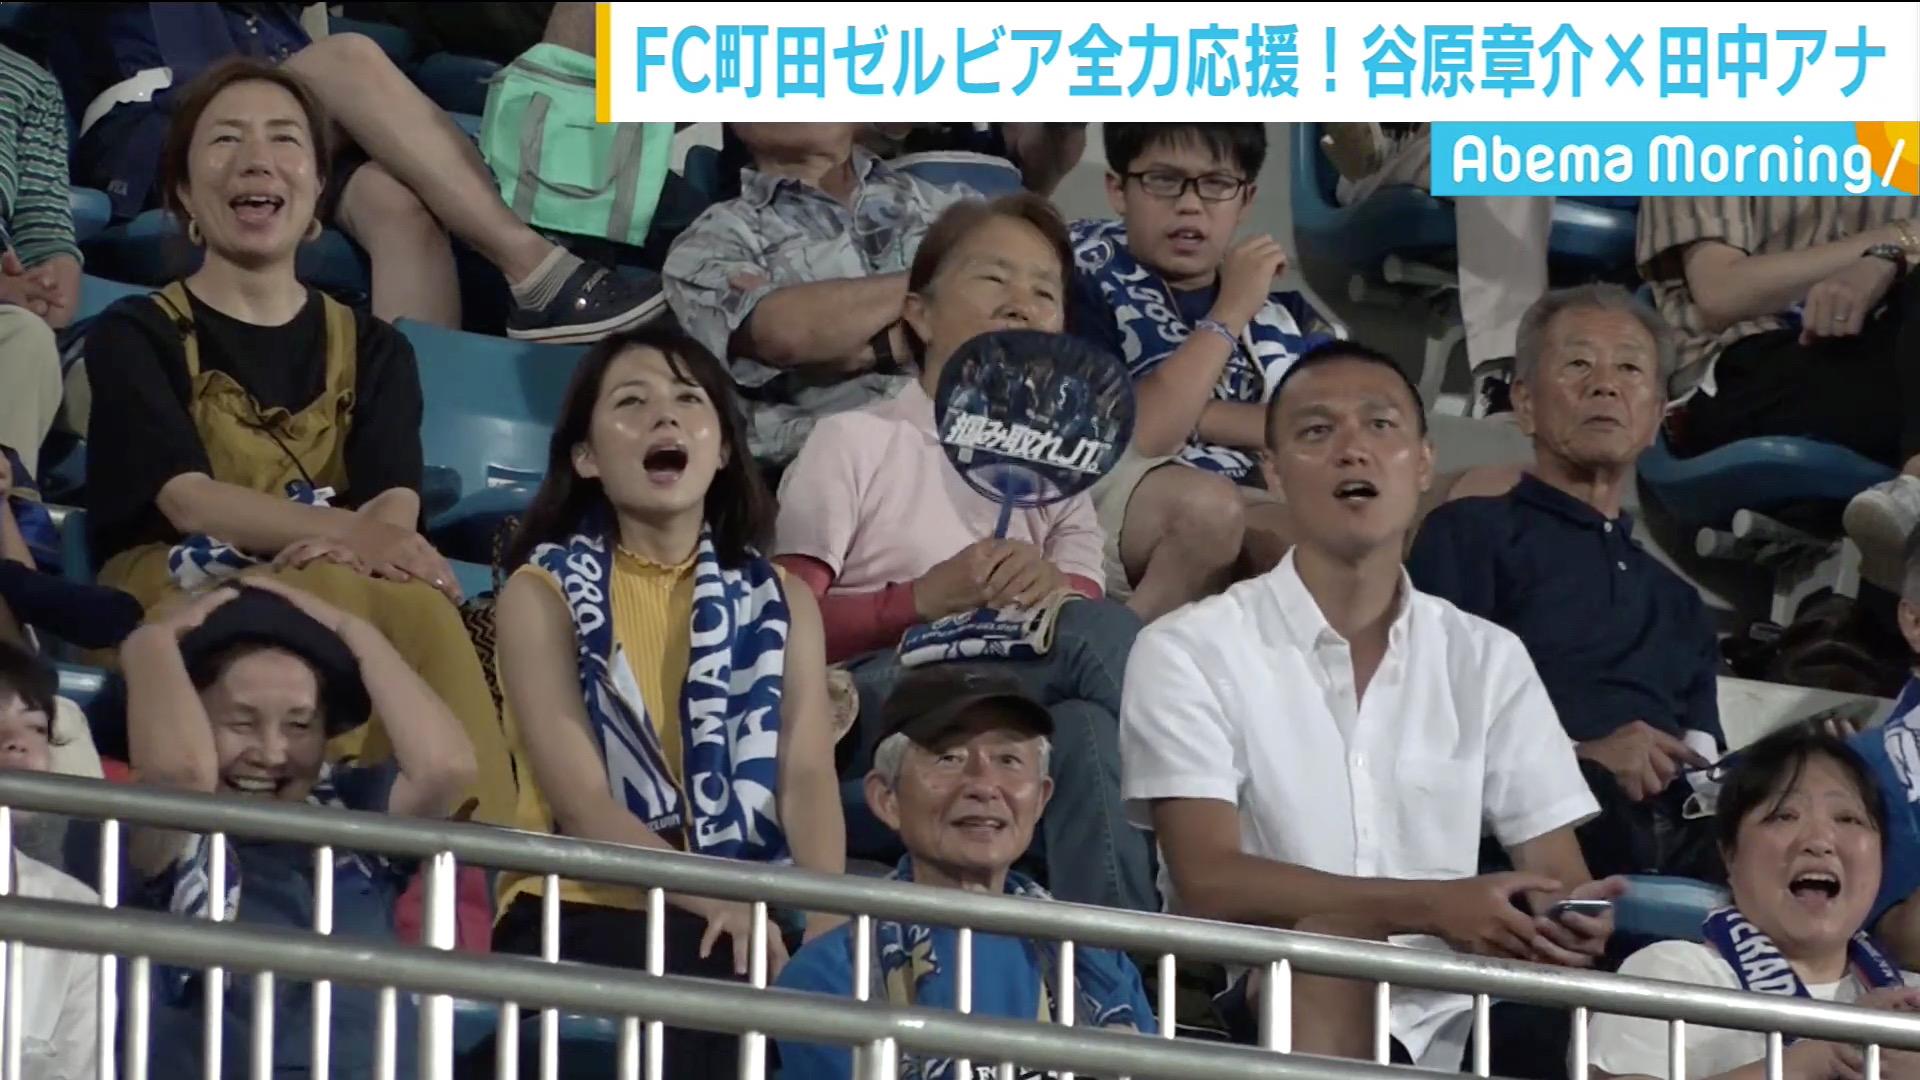 2019年8月21日に放送された「Abema Morning」に出演した田中萌さんのテレビキャプチャー画像-012